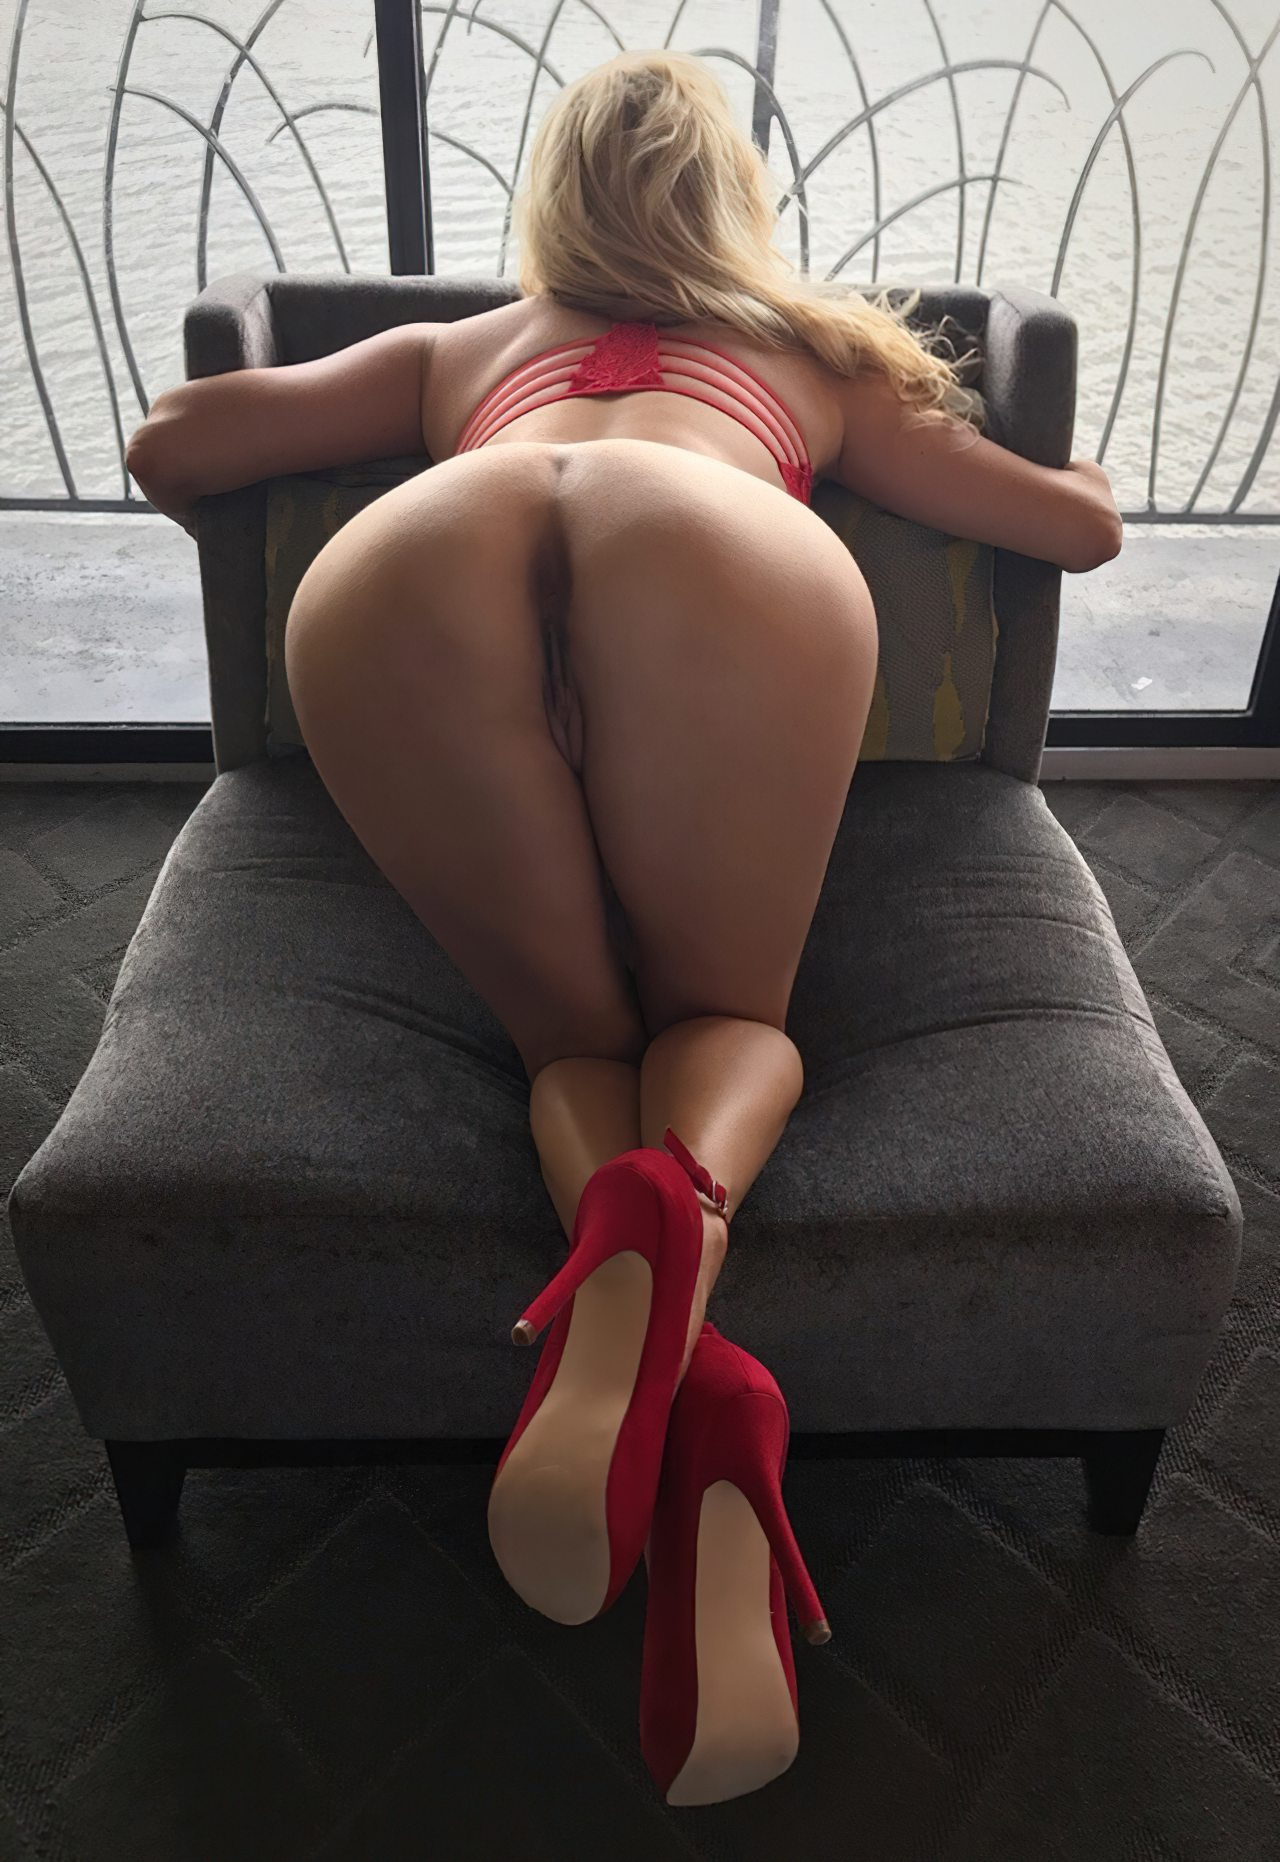 Esposa Exibindo Lingerie Vermelha (3)